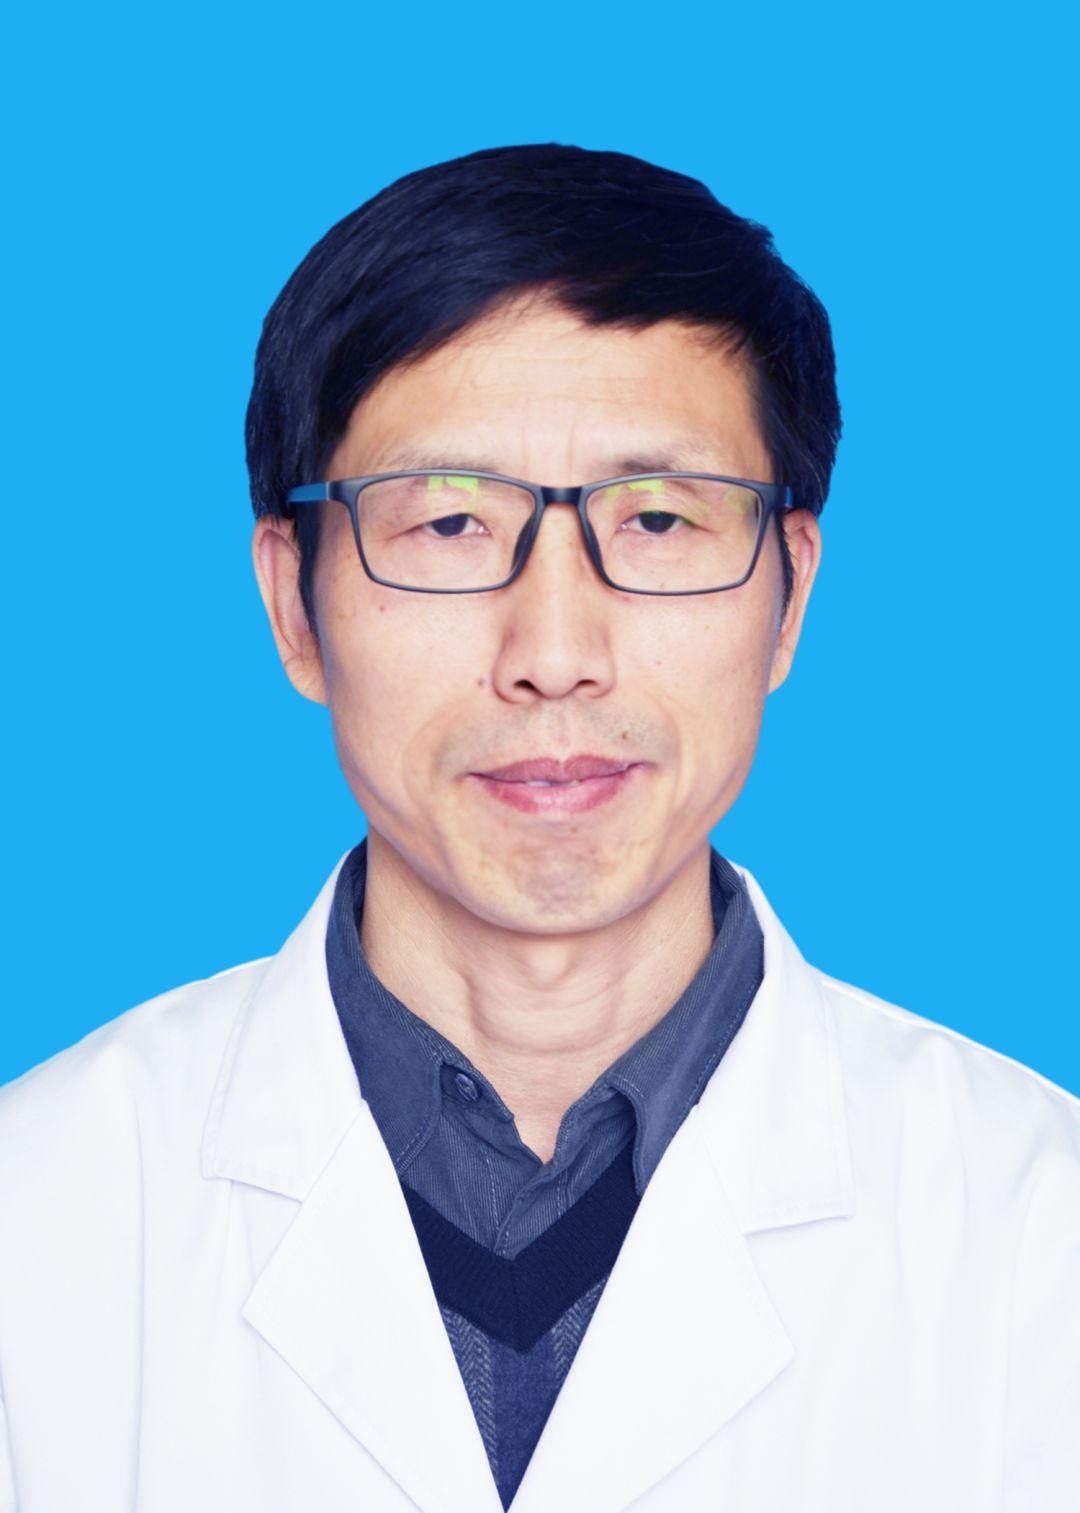 滨州疫情处置领导小组专家专班成员贾在金:解答中医药在疫情防控反面的优势